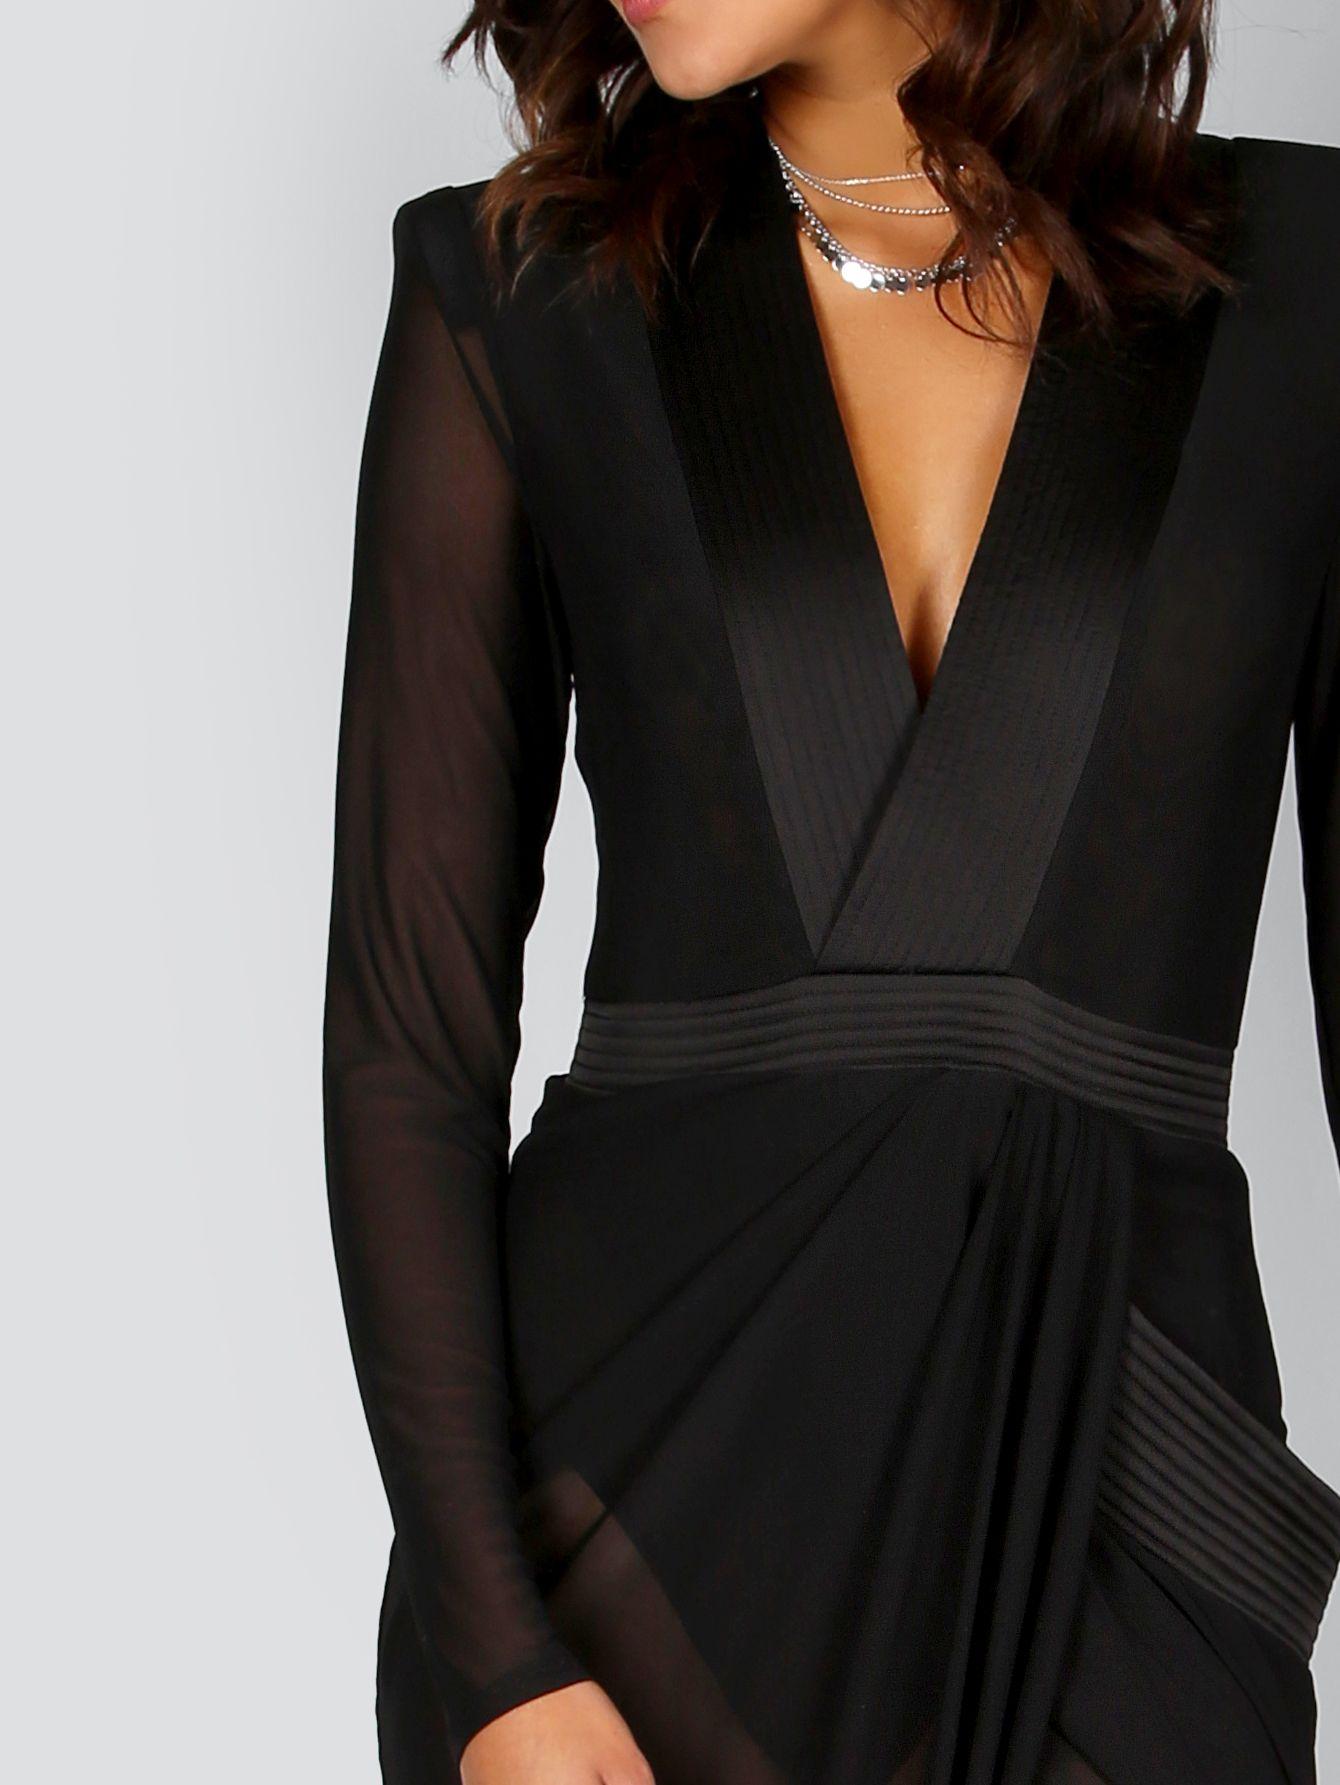 Deep V Neck Shoulder Pads Sheer Wrap Dress BLACK -SheIn(Sheinside ... a1e1c74d8